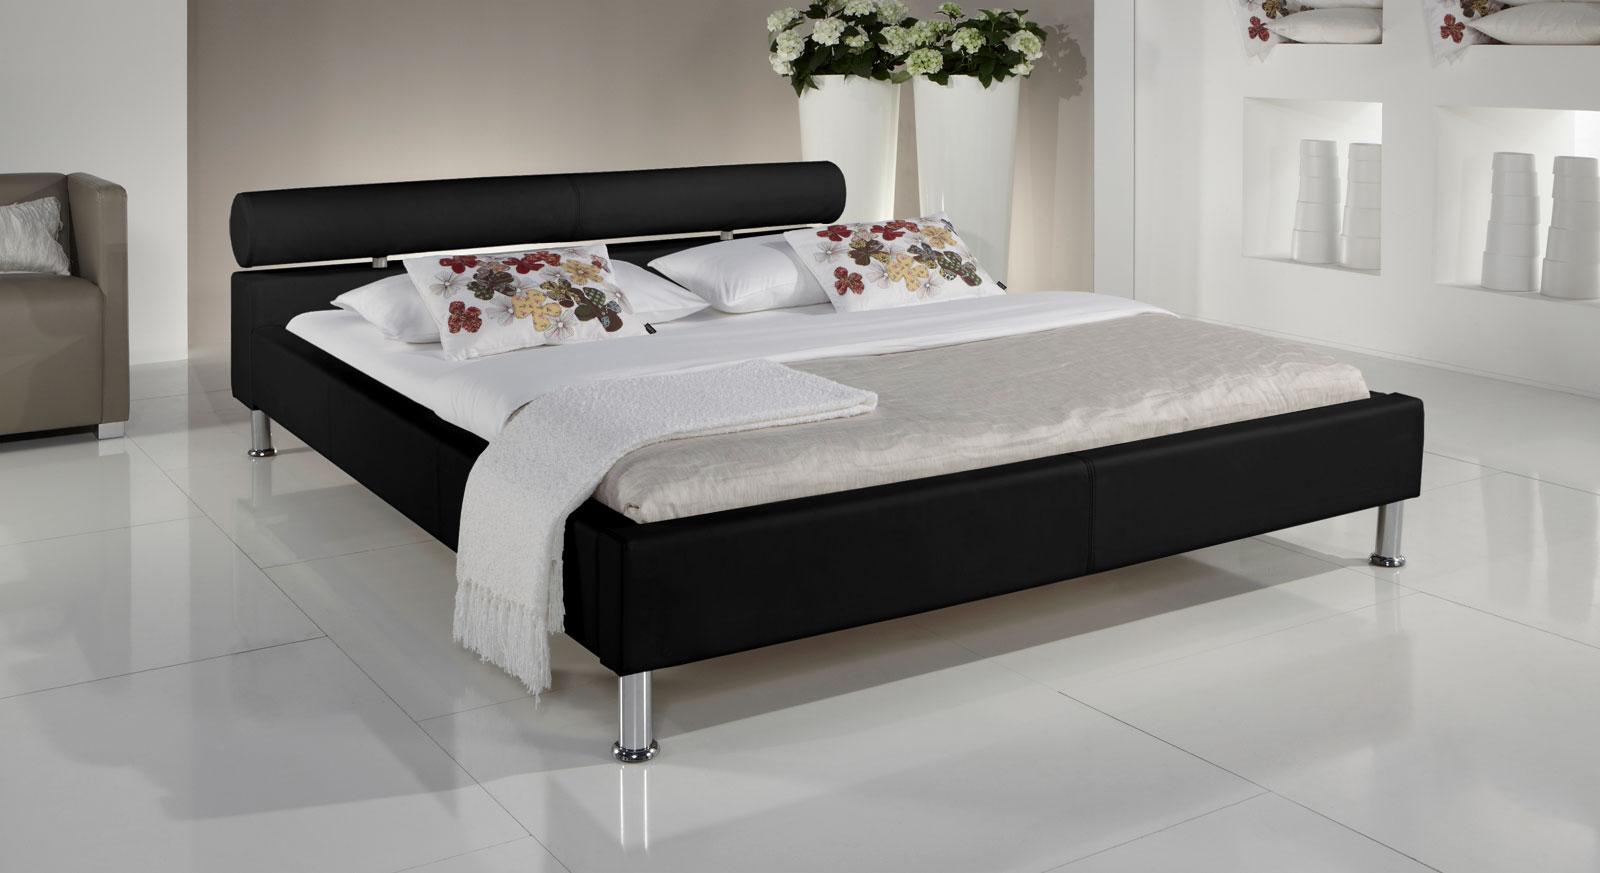 Bett Cambridge mit schwarzem Kunstlederbezug